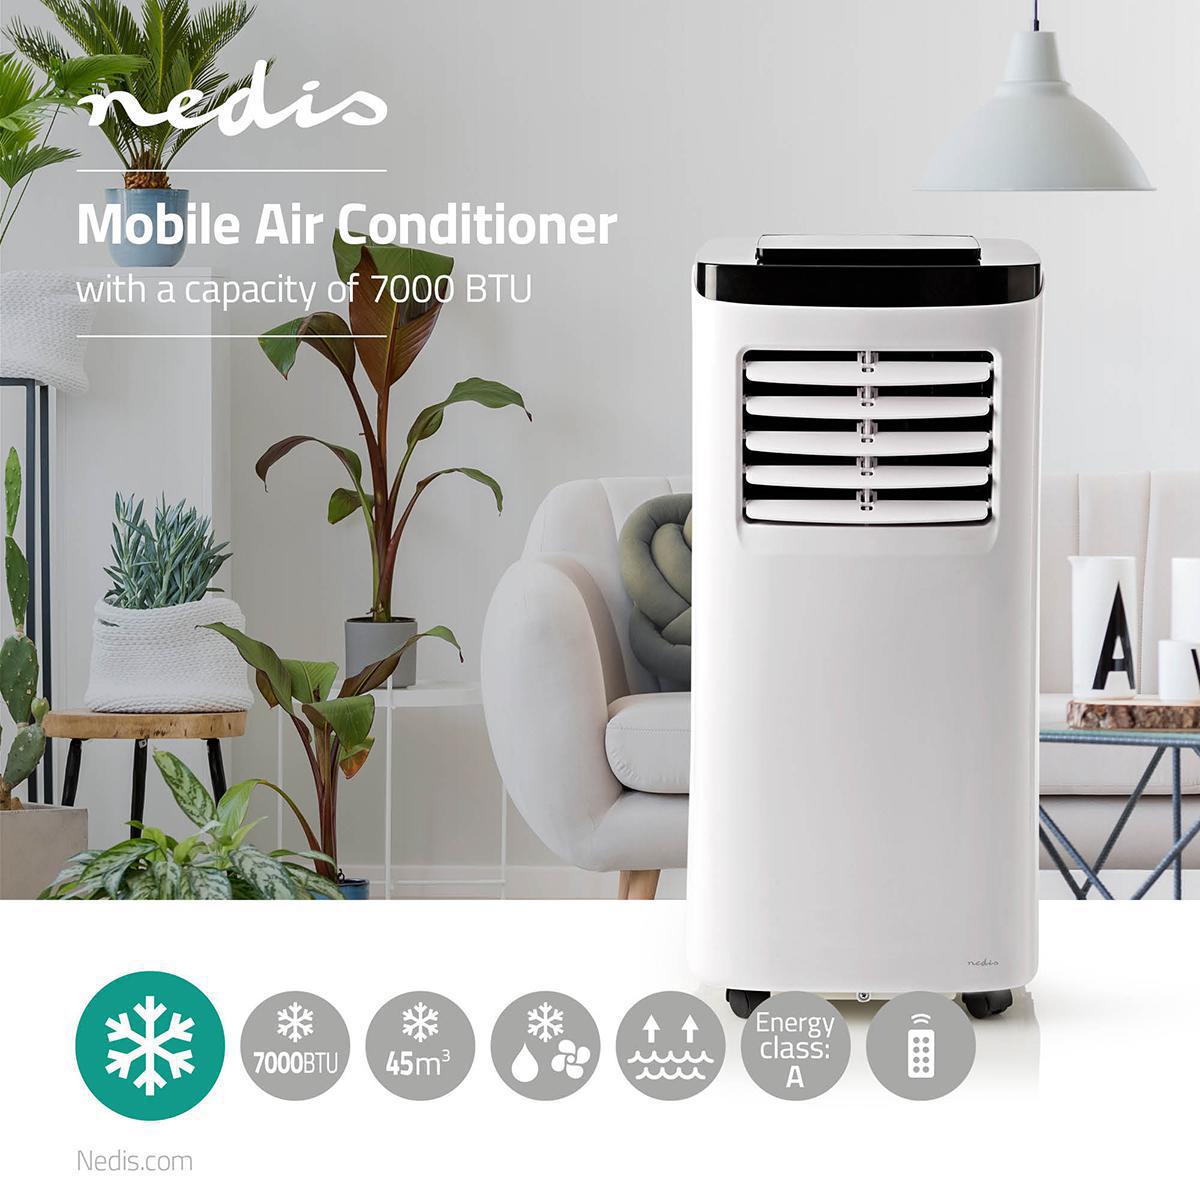 Nedis Mobiele airconditioning - Airco - 7000 BTU - Energieklasse A - Afstandsbediening - Timerfuncti